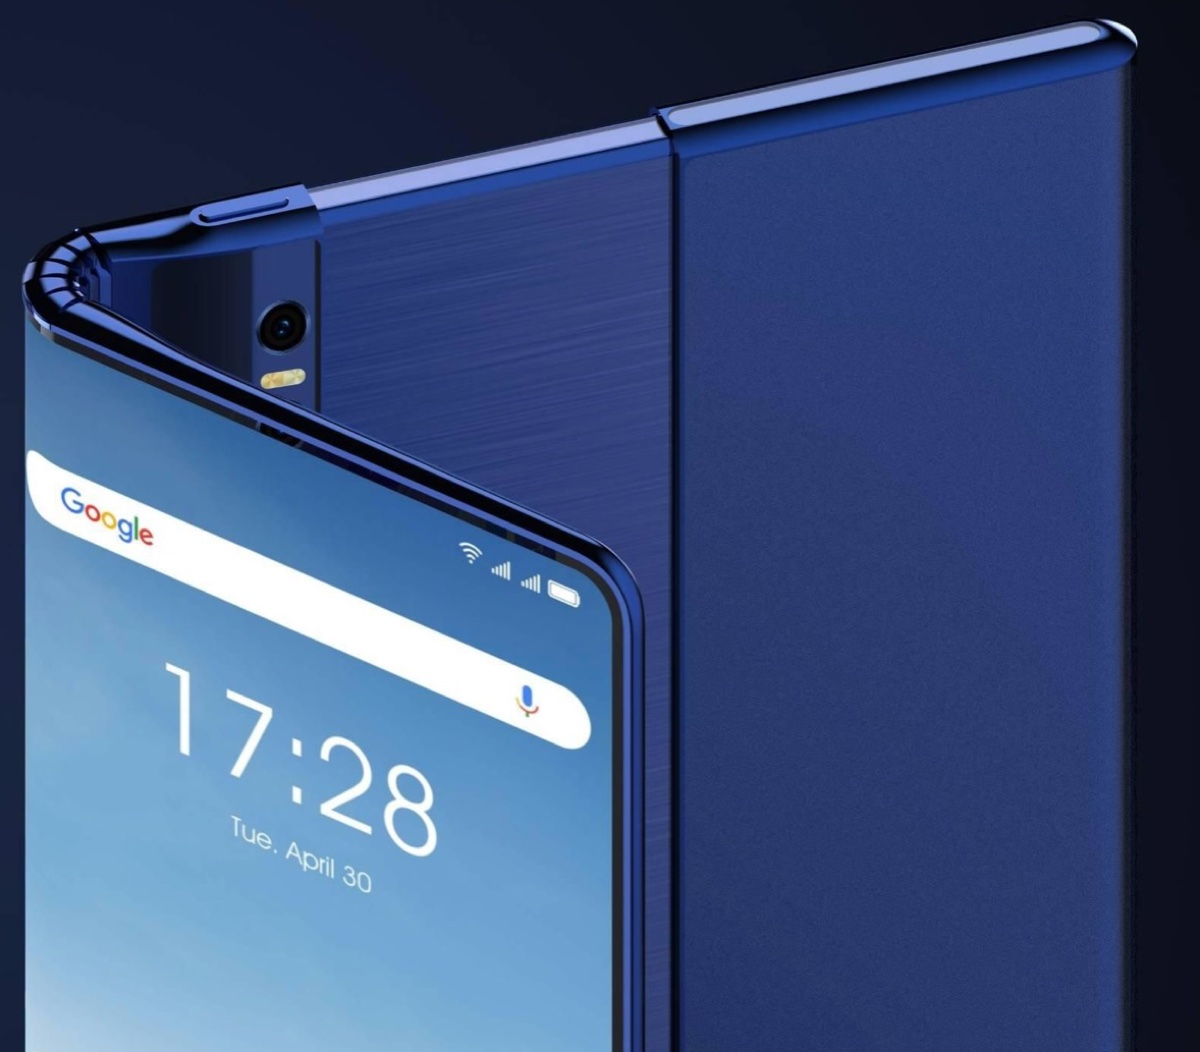 TCL pensa a uno smartphone pieghevole e arrotolabile